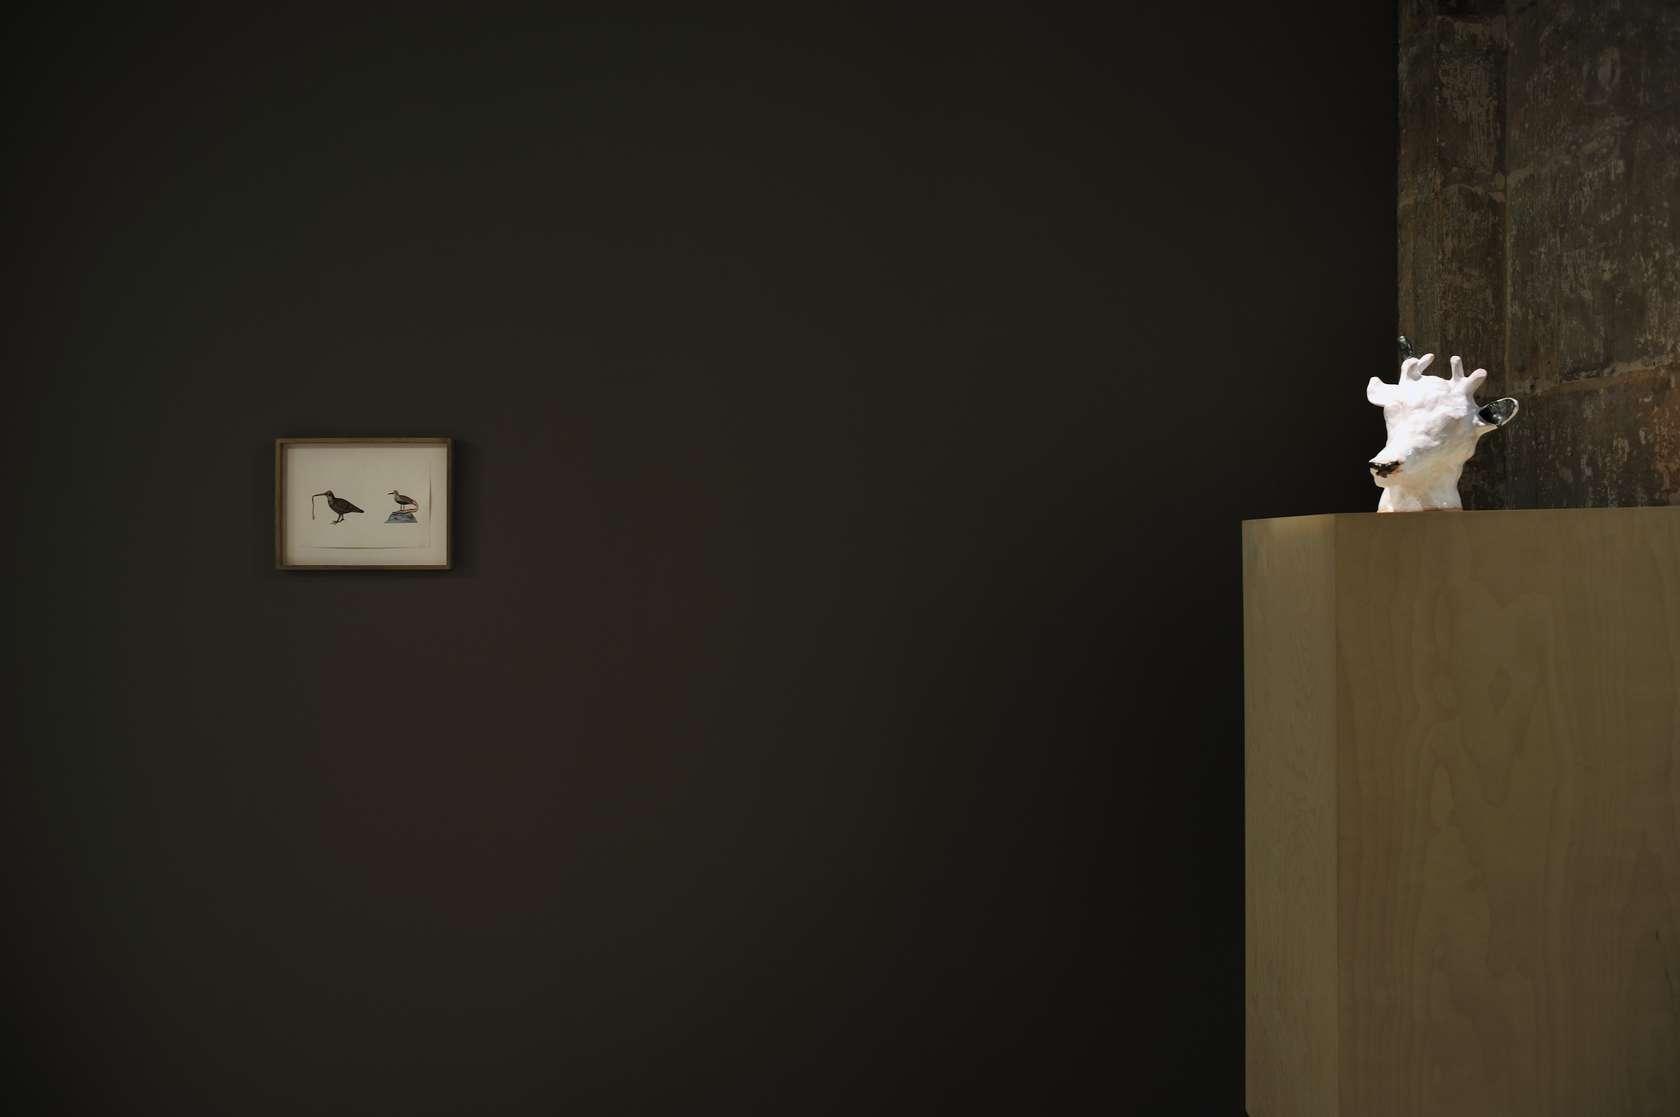 Jean-Marie Appriou, Guillaume Dégé, Hippolyte Hentgen, Laurent Le Deunff, Françoise Pétrovitch, Présence Panchounette & Taroop & Glabel, Pavillon de Chasse 24 novembre  — 29 décembre 2012